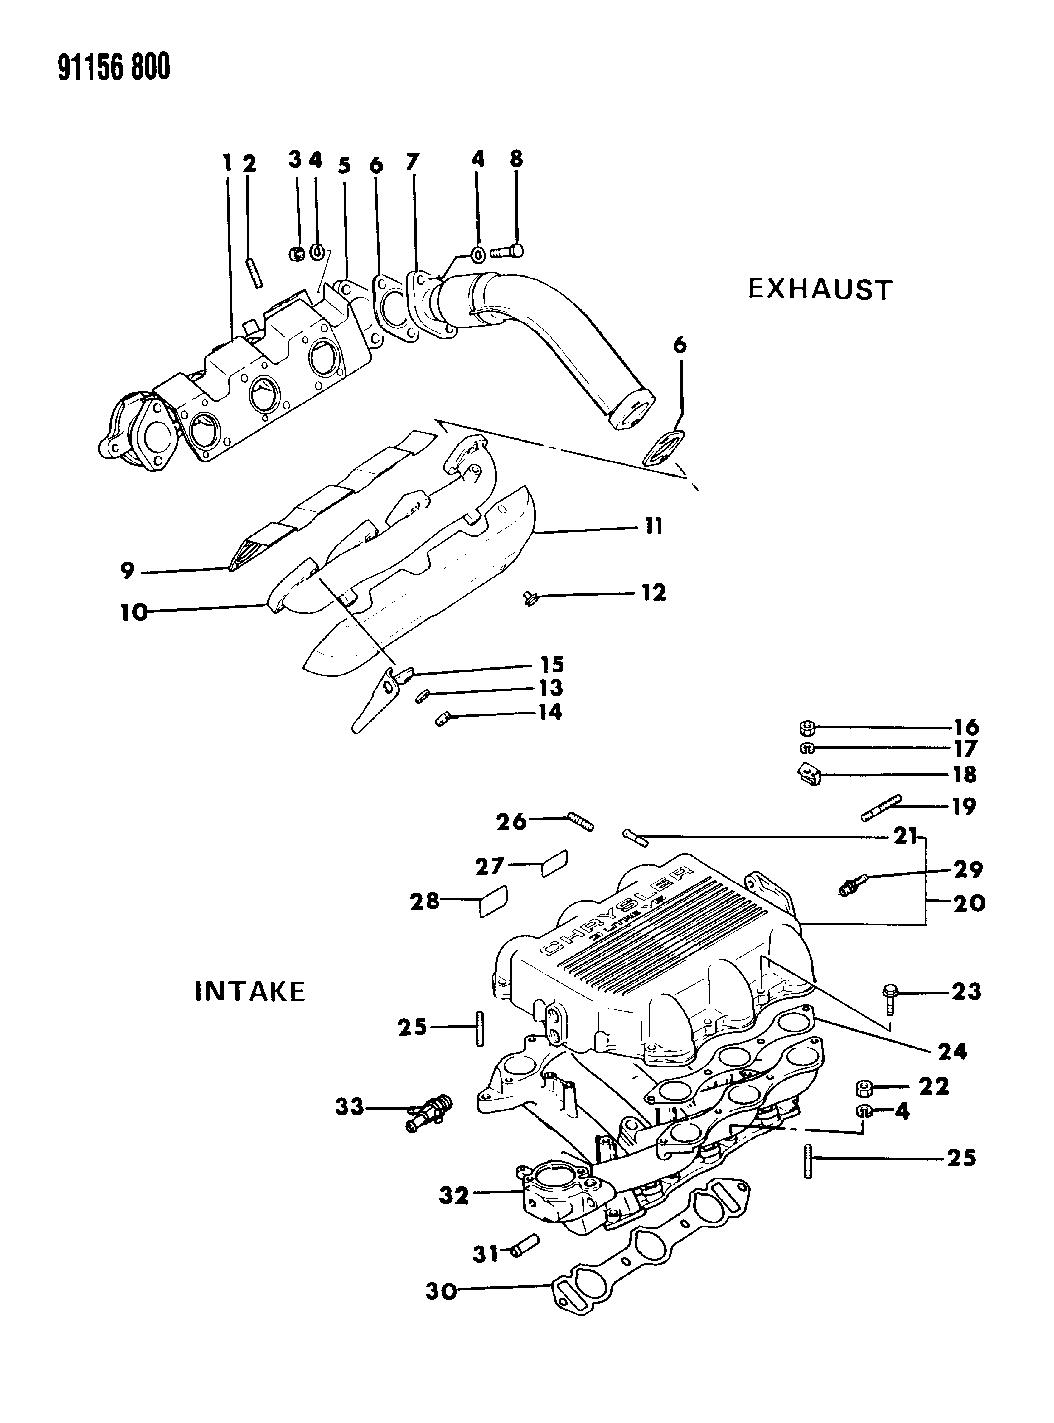 1991 Dodge Spirit Manifolds - Intake & Exhaust - Thumbnail 1